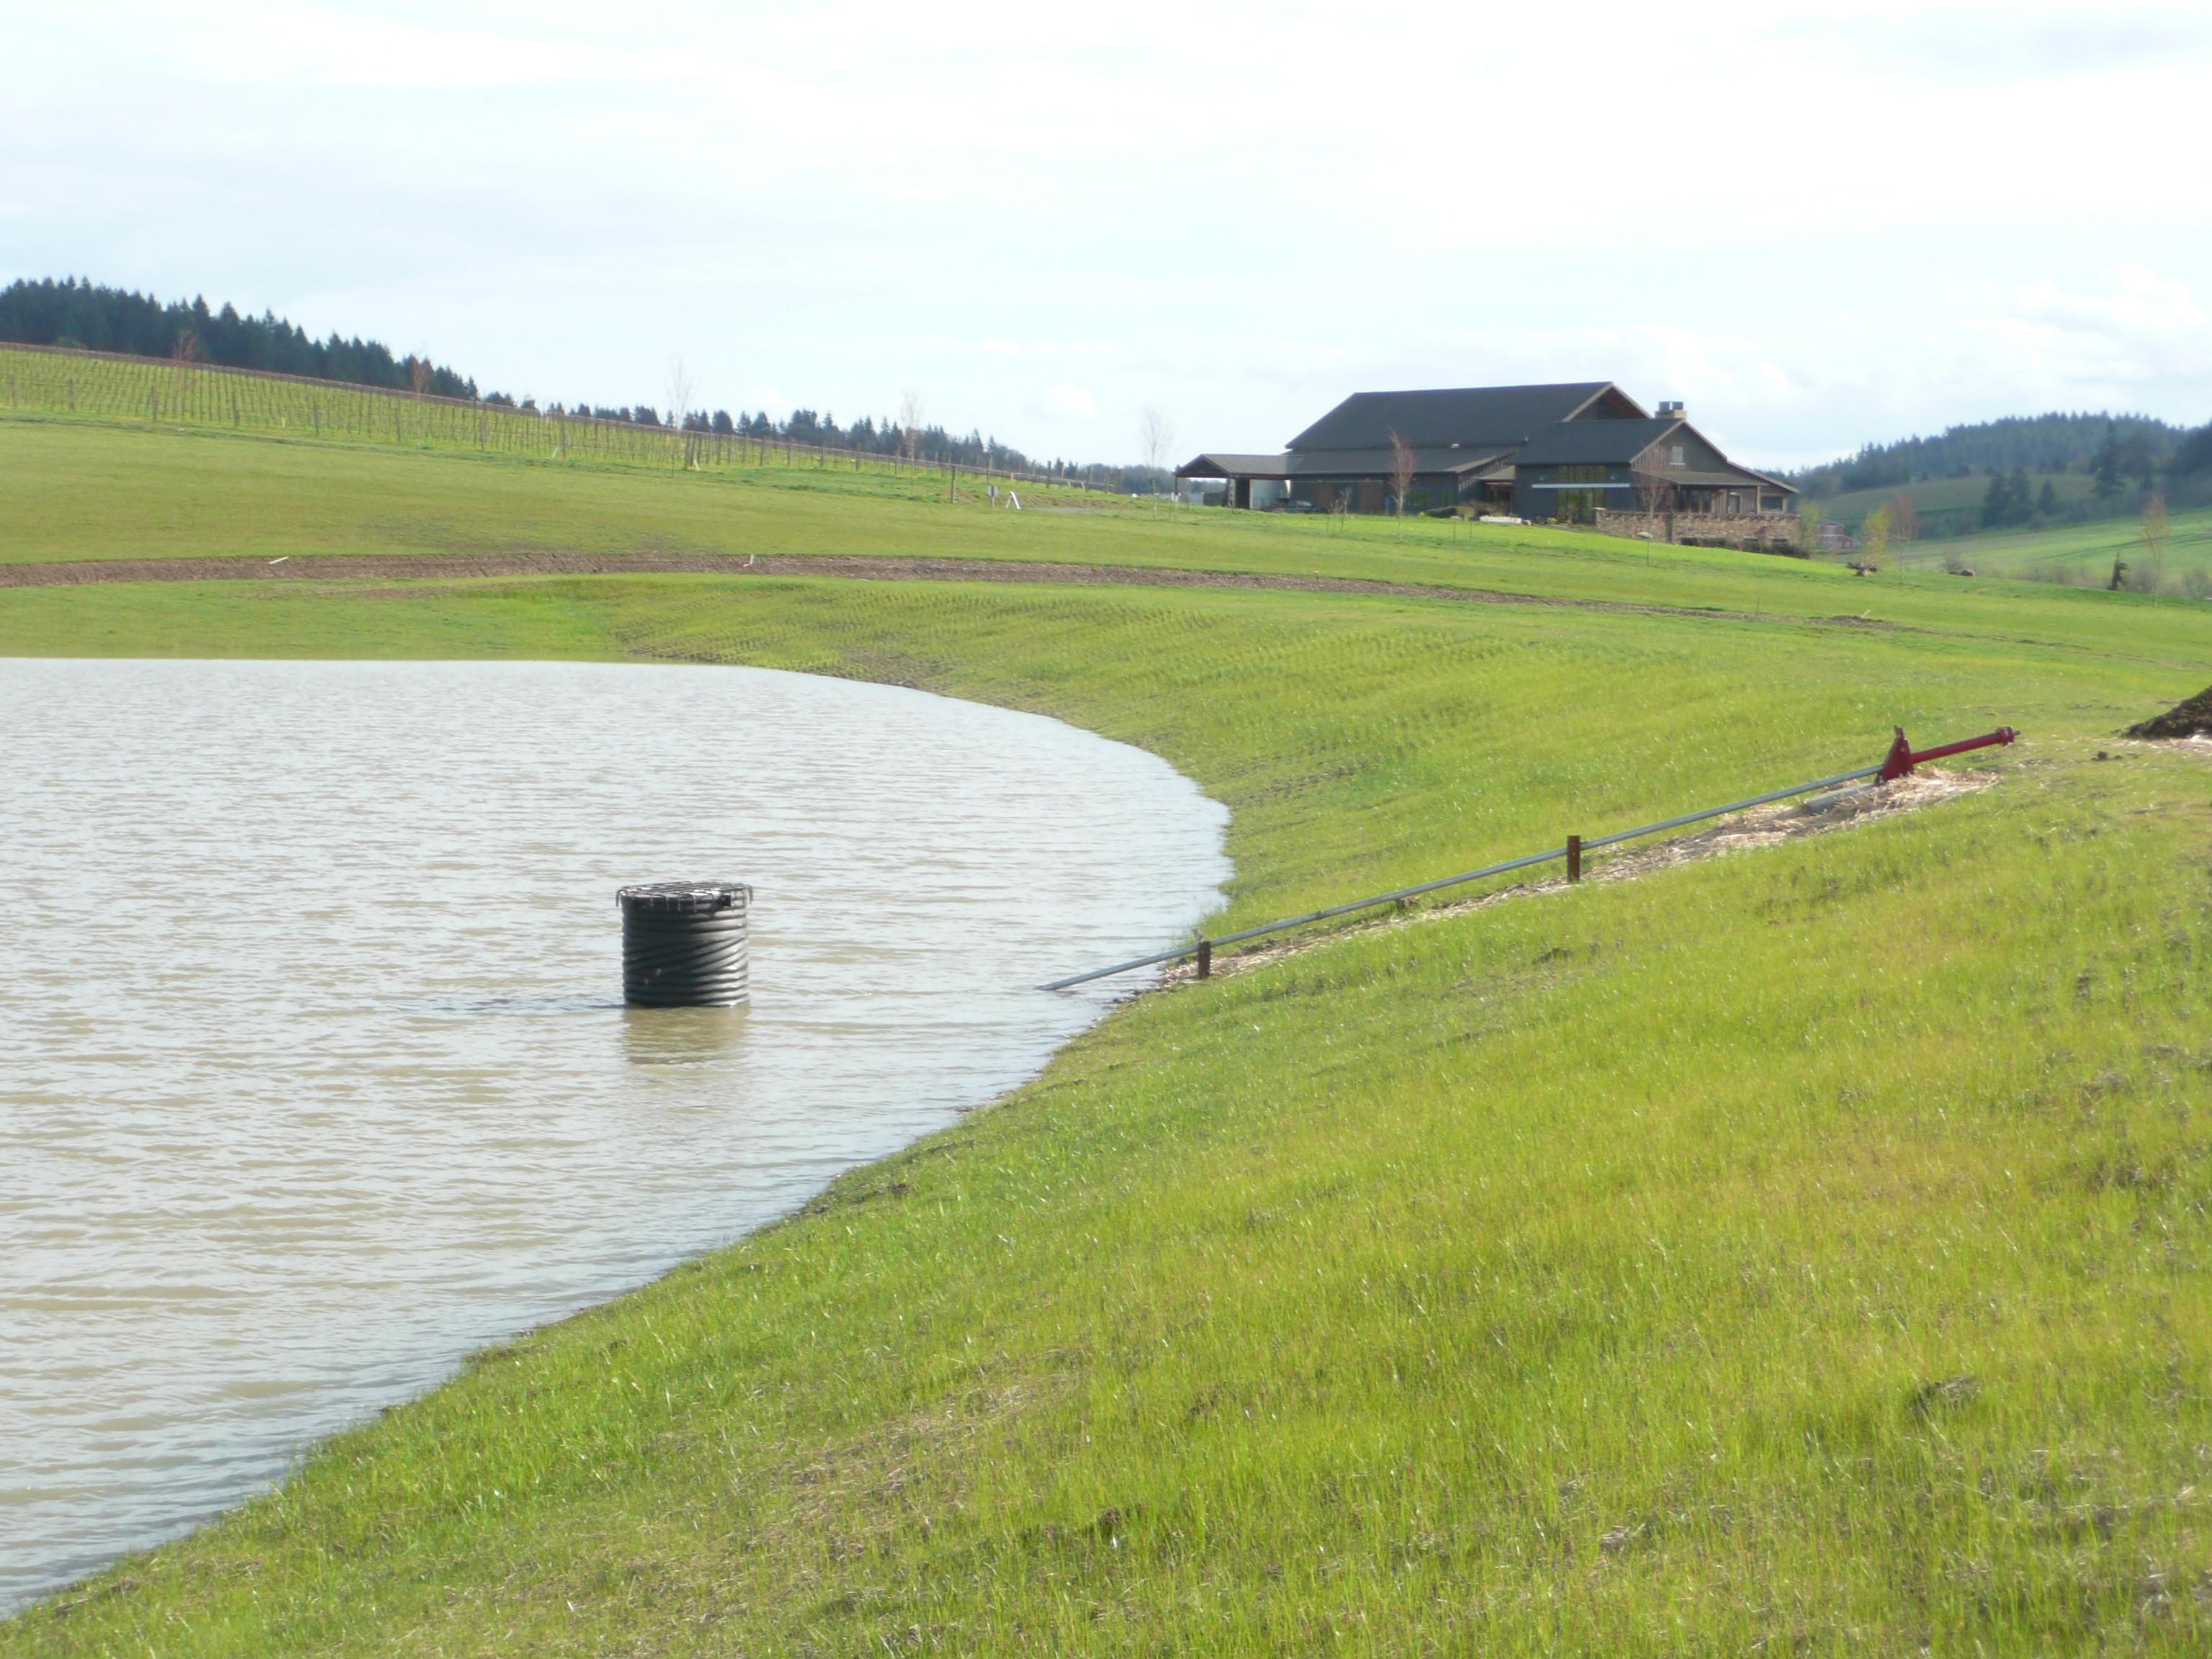 Reservoir filling